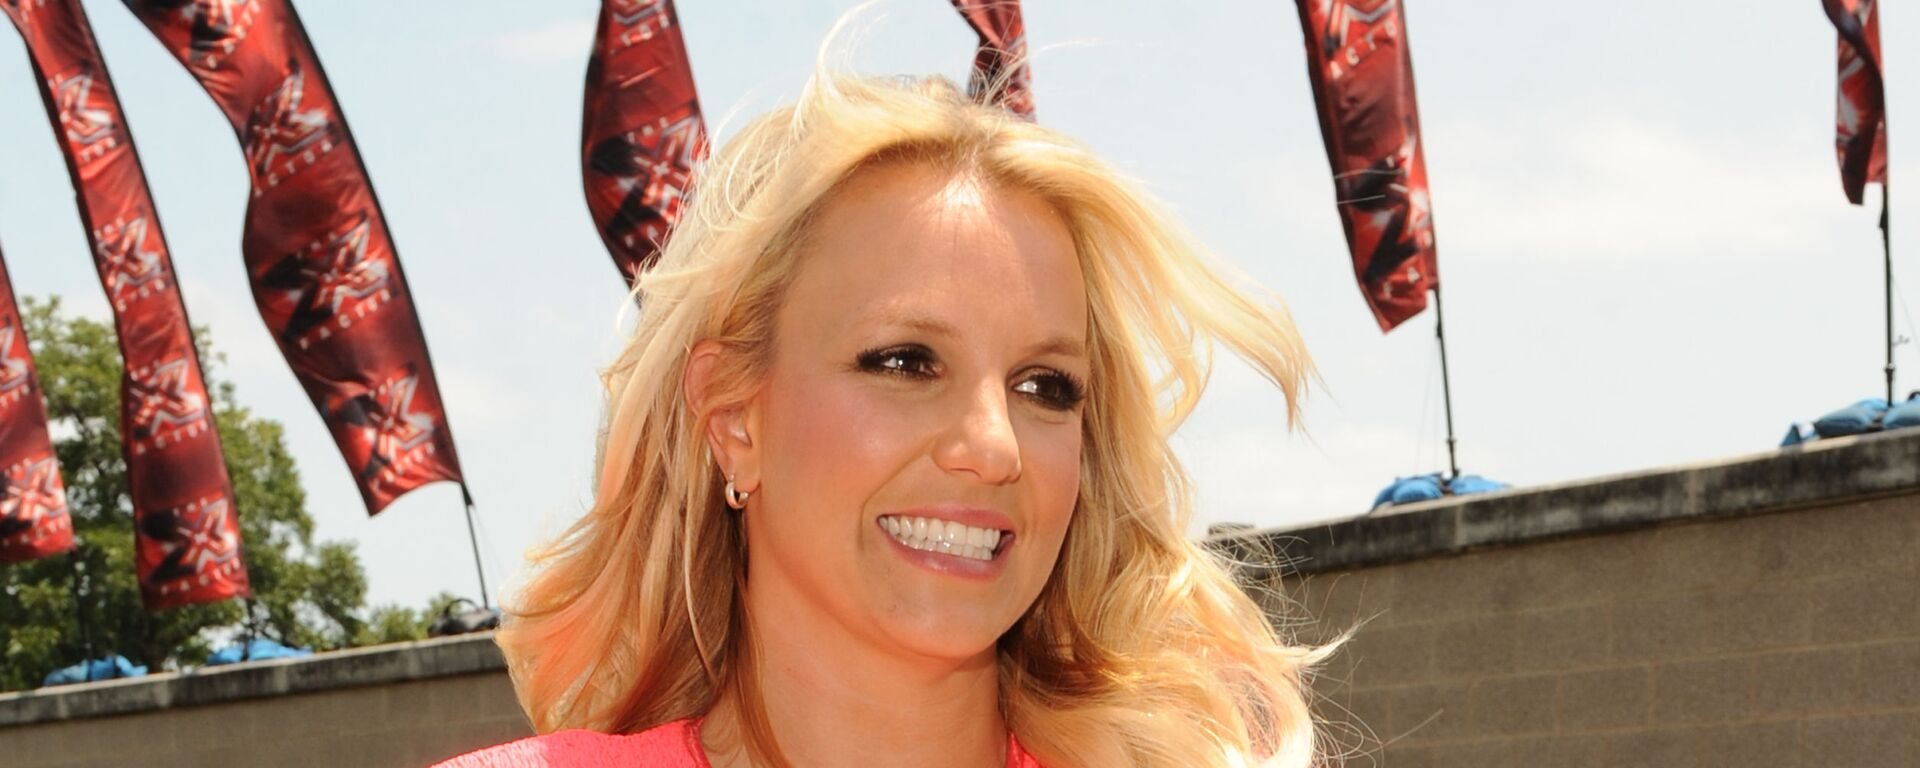 Popová hvězda Britney Spears - Sputnik Česká republika, 1920, 02.09.2021